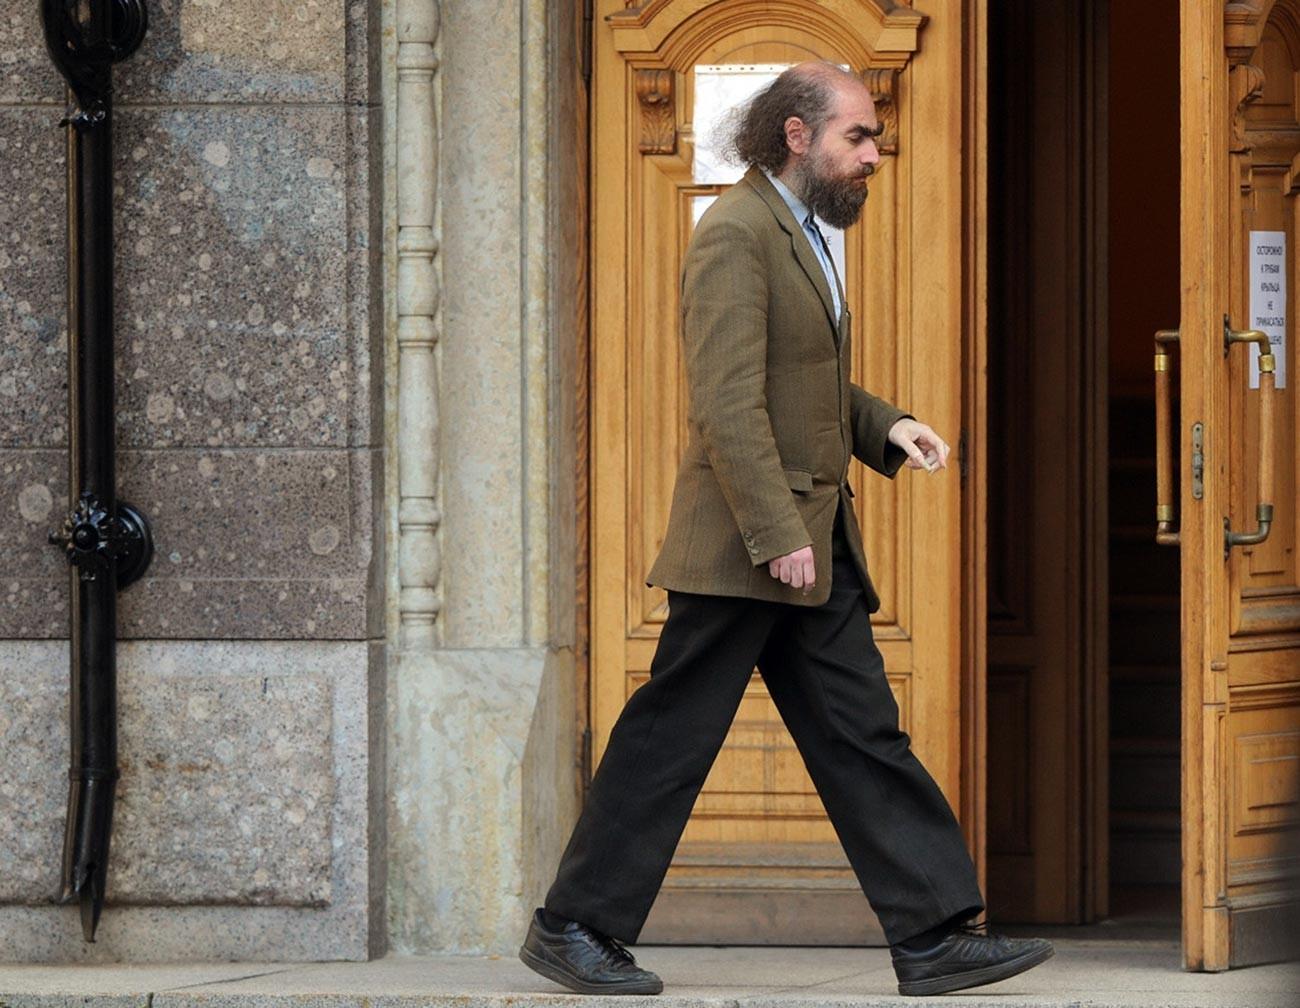 Grigory Perelman terlihat berjalan di suatu tempat di kampung halamannya di Sankt Peterburg. Grigory biasa menghindari dan/atau mengabaikan jurnalis dan reporter.